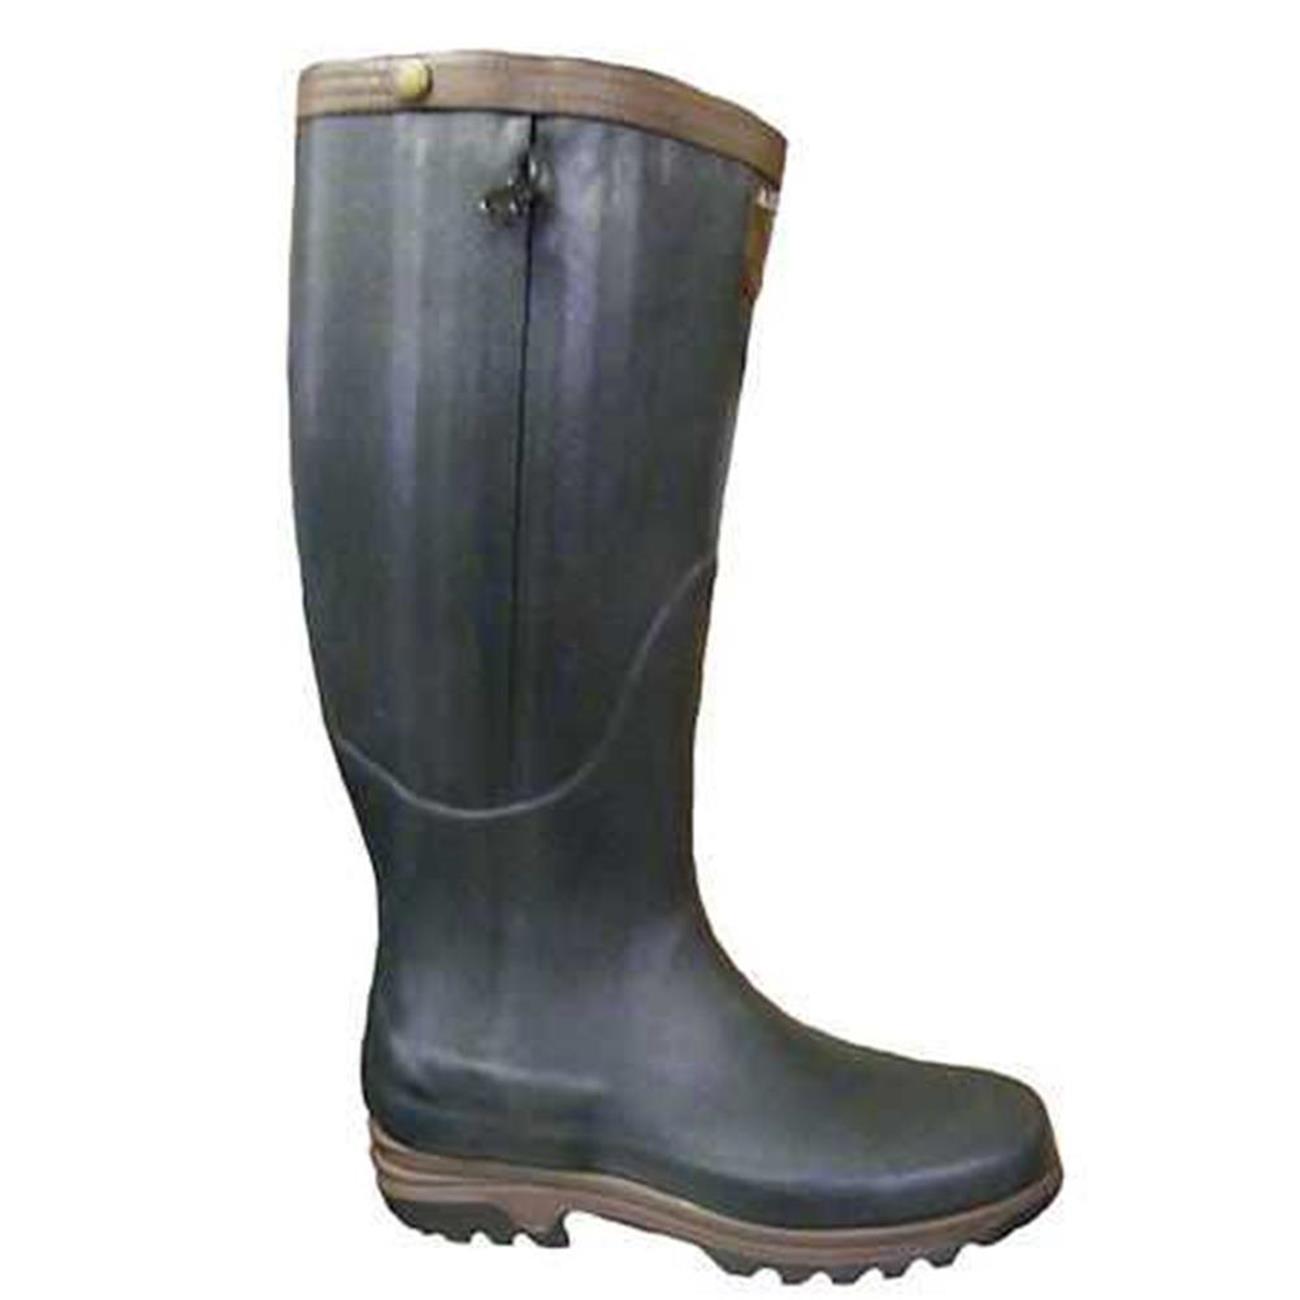 aigle parcours pre m leather lined wellington boots bronze